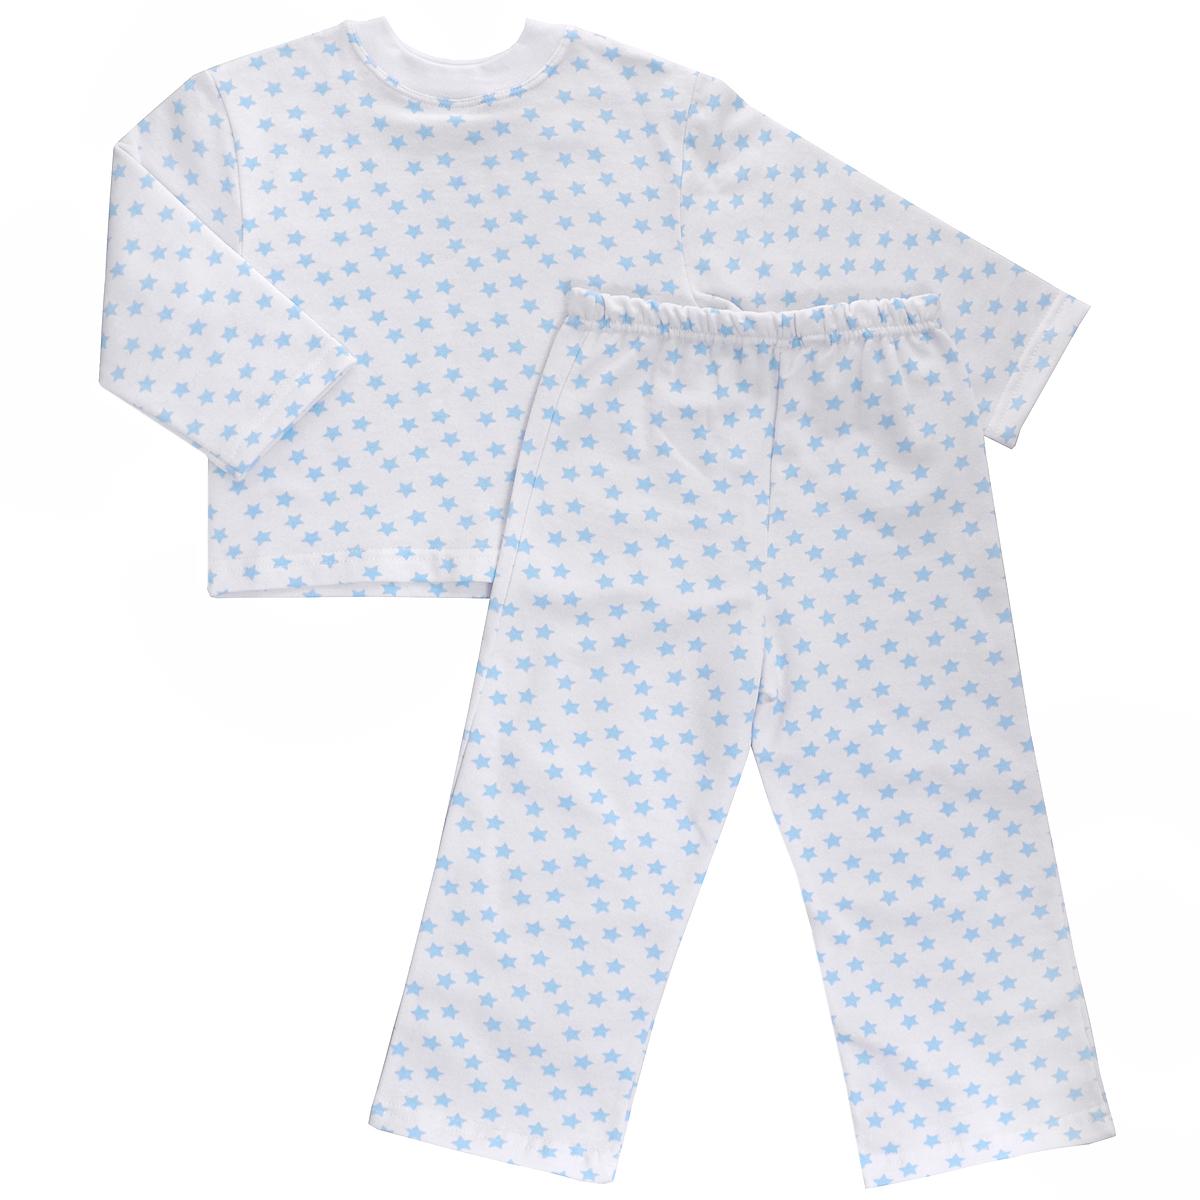 Пижама детская Трон-плюс, цвет: белый, голубой, рисунок звезды. 5553. Размер 86/92, 2-3 года5553Яркая детская пижама Трон-плюс, состоящая из кофточки и штанишек, идеально подойдет вашему малышу и станет отличным дополнением к детскому гардеробу. Теплая пижама, изготовленная из набивного футера - натурального хлопка, необычайно мягкая и легкая, не сковывает движения ребенка, позволяет коже дышать и не раздражает даже самую нежную и чувствительную кожу малыша. Кофта с длинными рукавами имеет круглый вырез горловины. Штанишки на удобной резинке не сдавливают животик ребенка и не сползают.В такой пижаме ваш ребенок будет чувствовать себя комфортно и уютно во время сна.